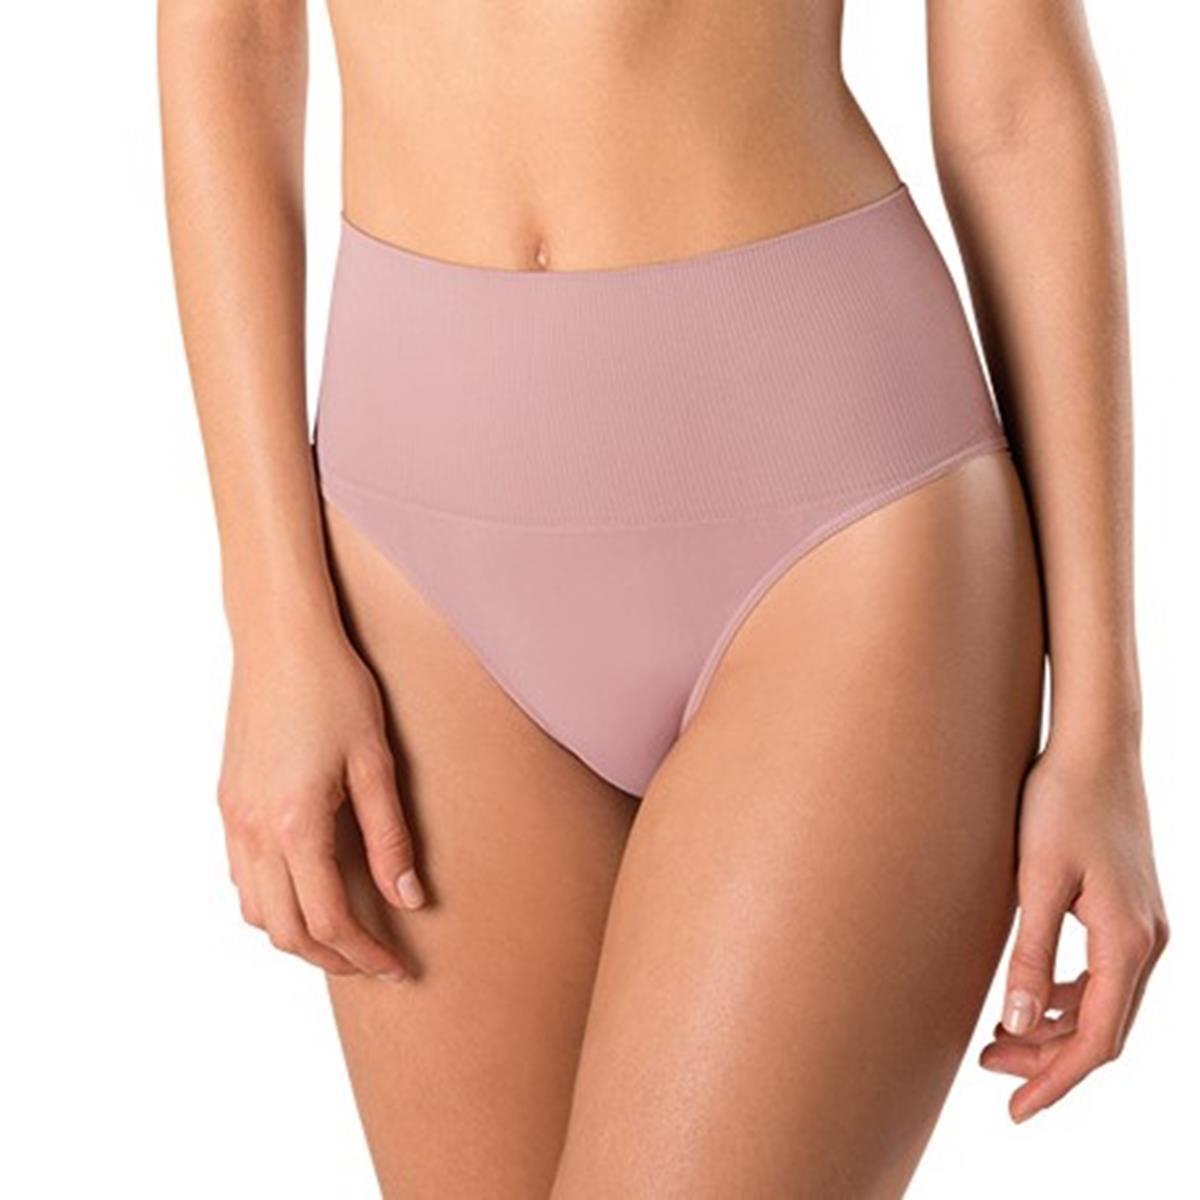 38d235f7c Kit com Cinta Loba Bermuda Skin Compression e Calcinha Loba Redutora Nude  Slim - Lupo R  83